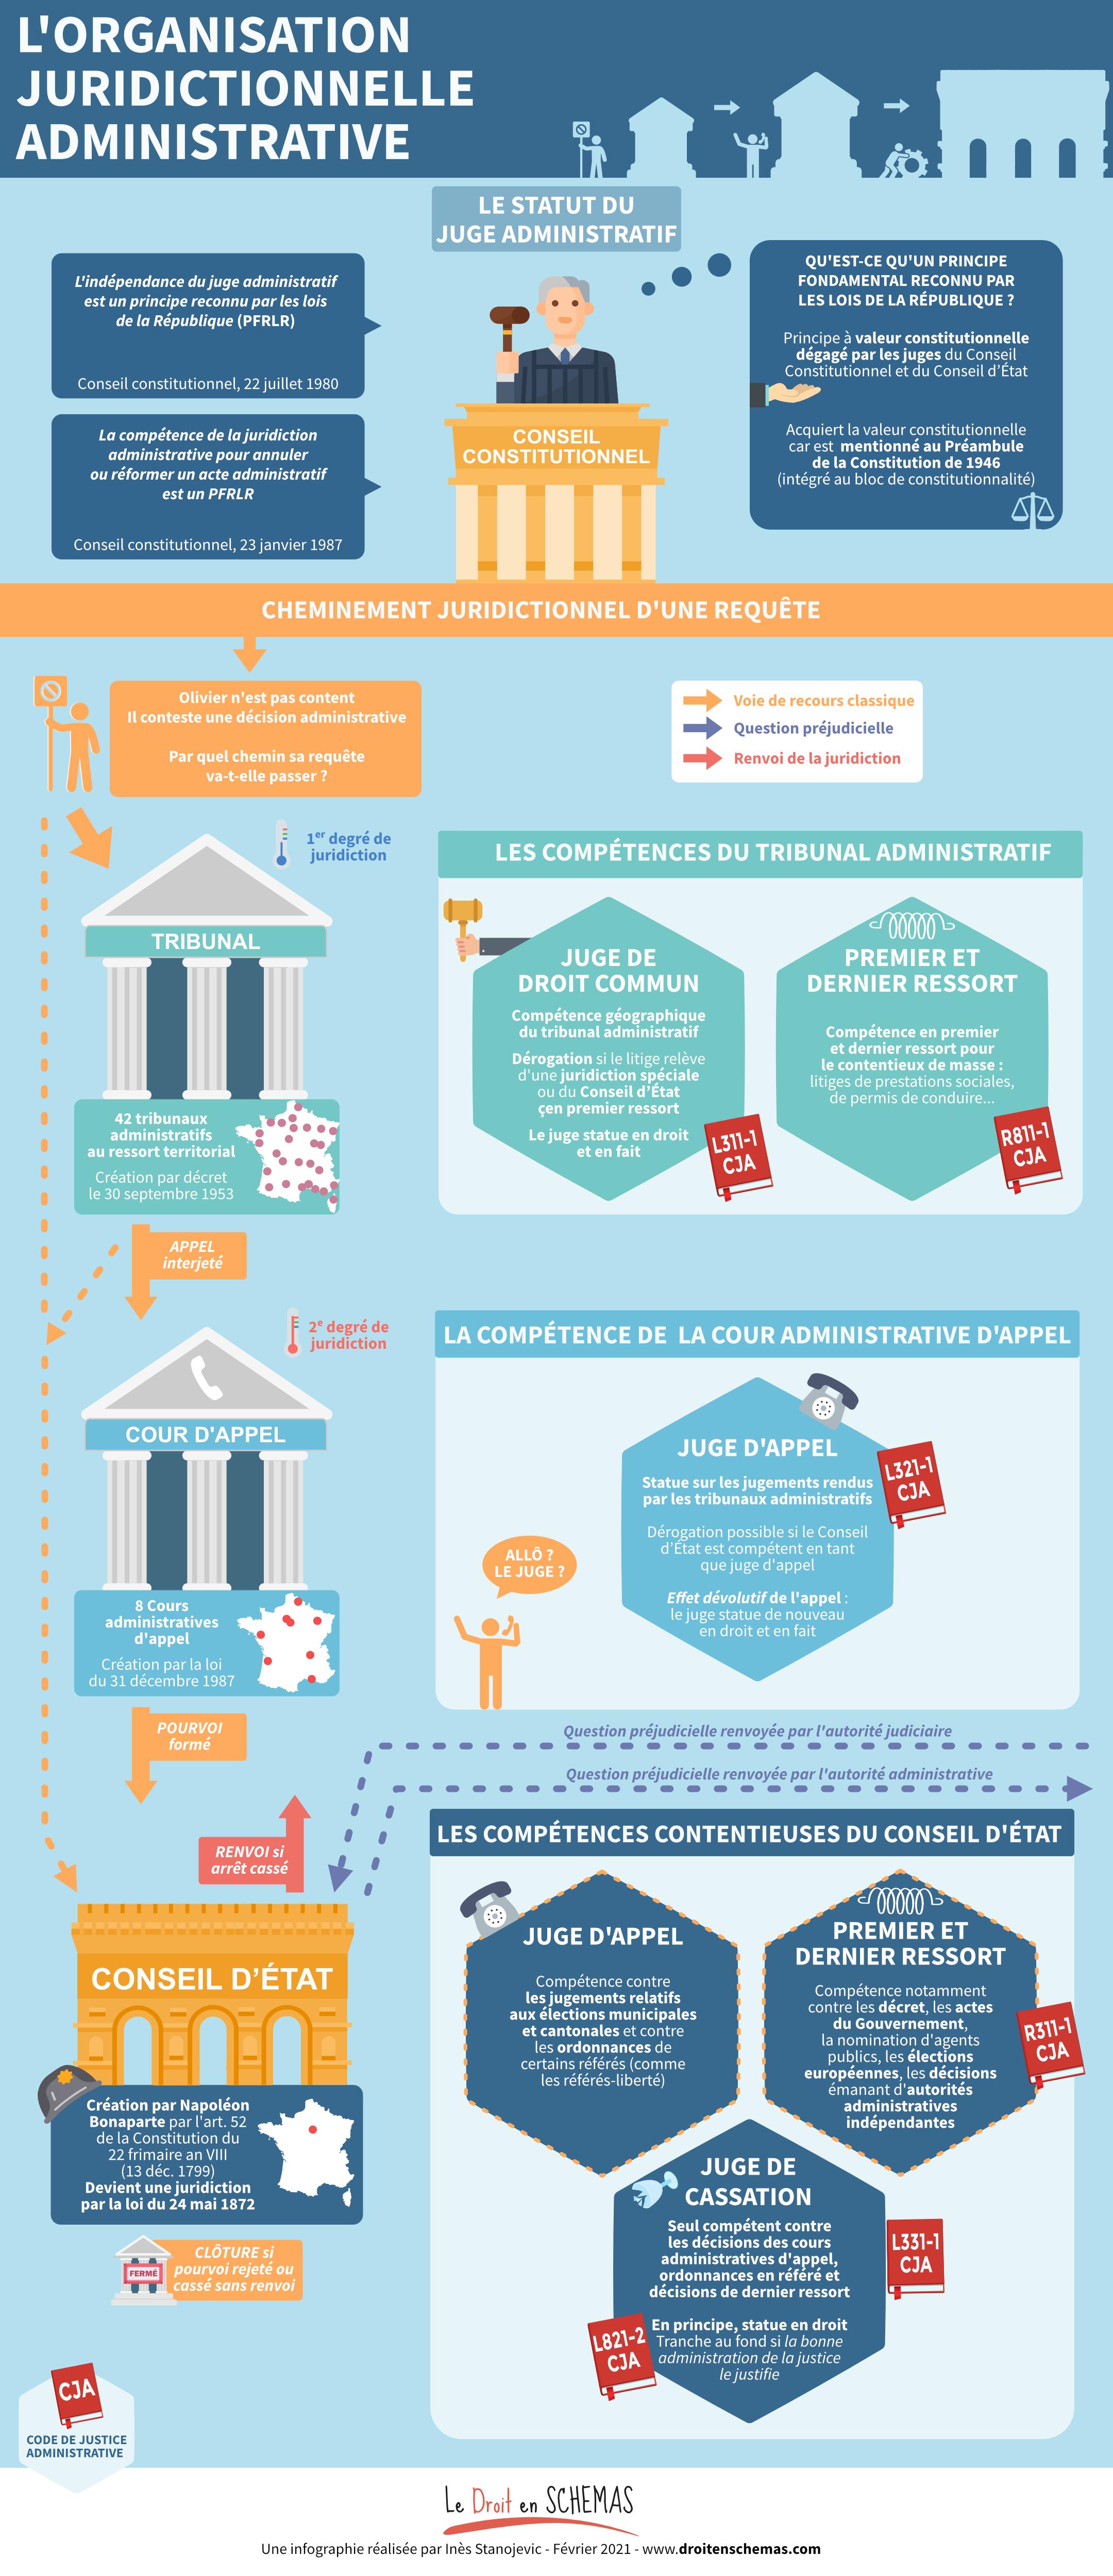 Droit en schémas ordre administratif conseil d'état